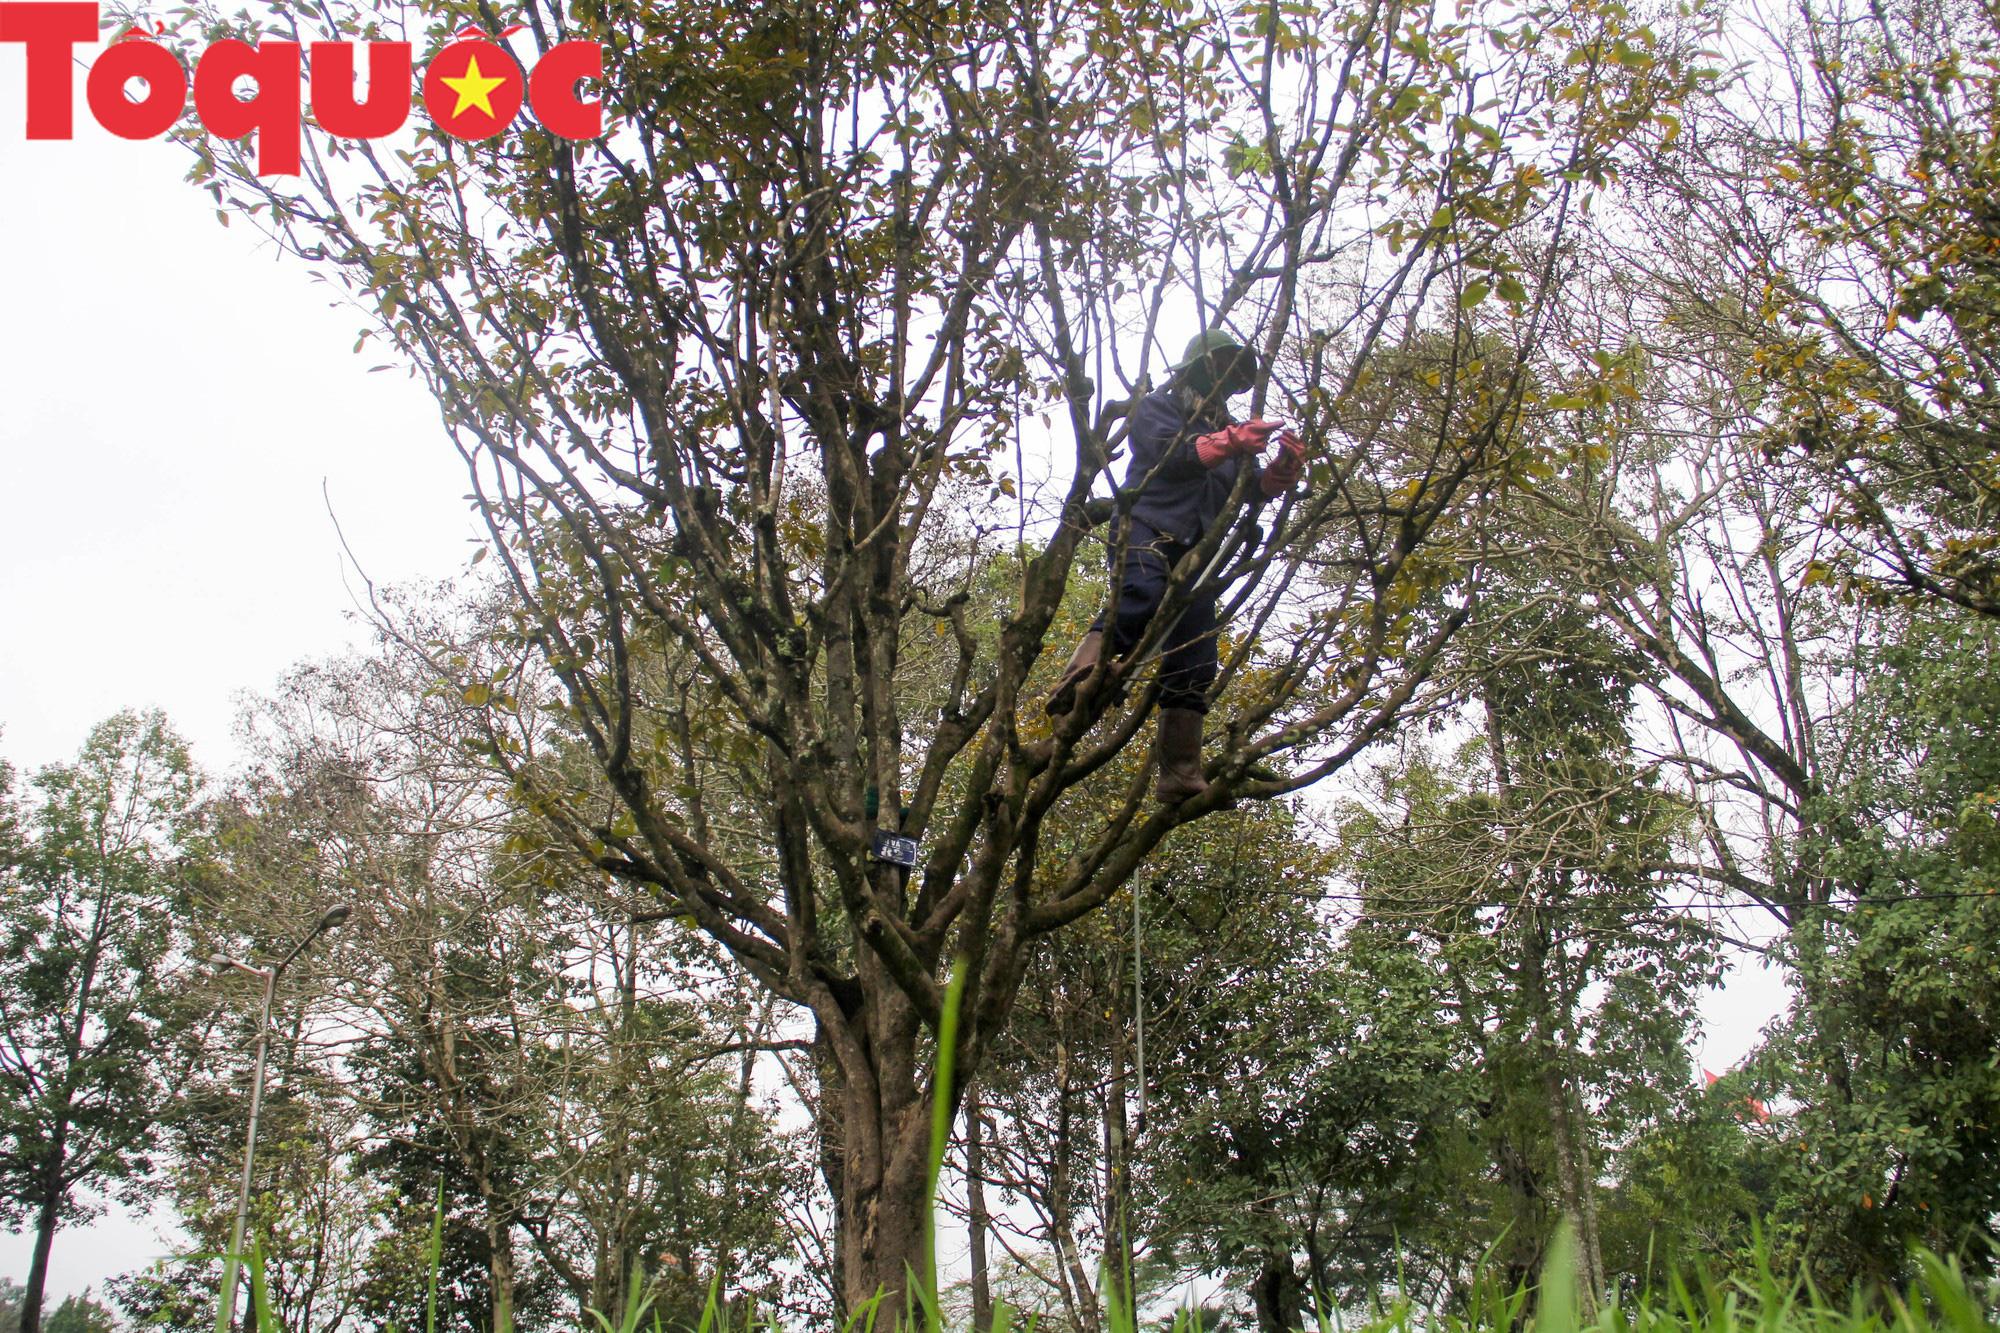 Công nhân nữ đội rét, đu mình trên cây chăm vườn mai khủng trước Kinh thành Huế - Ảnh 7.